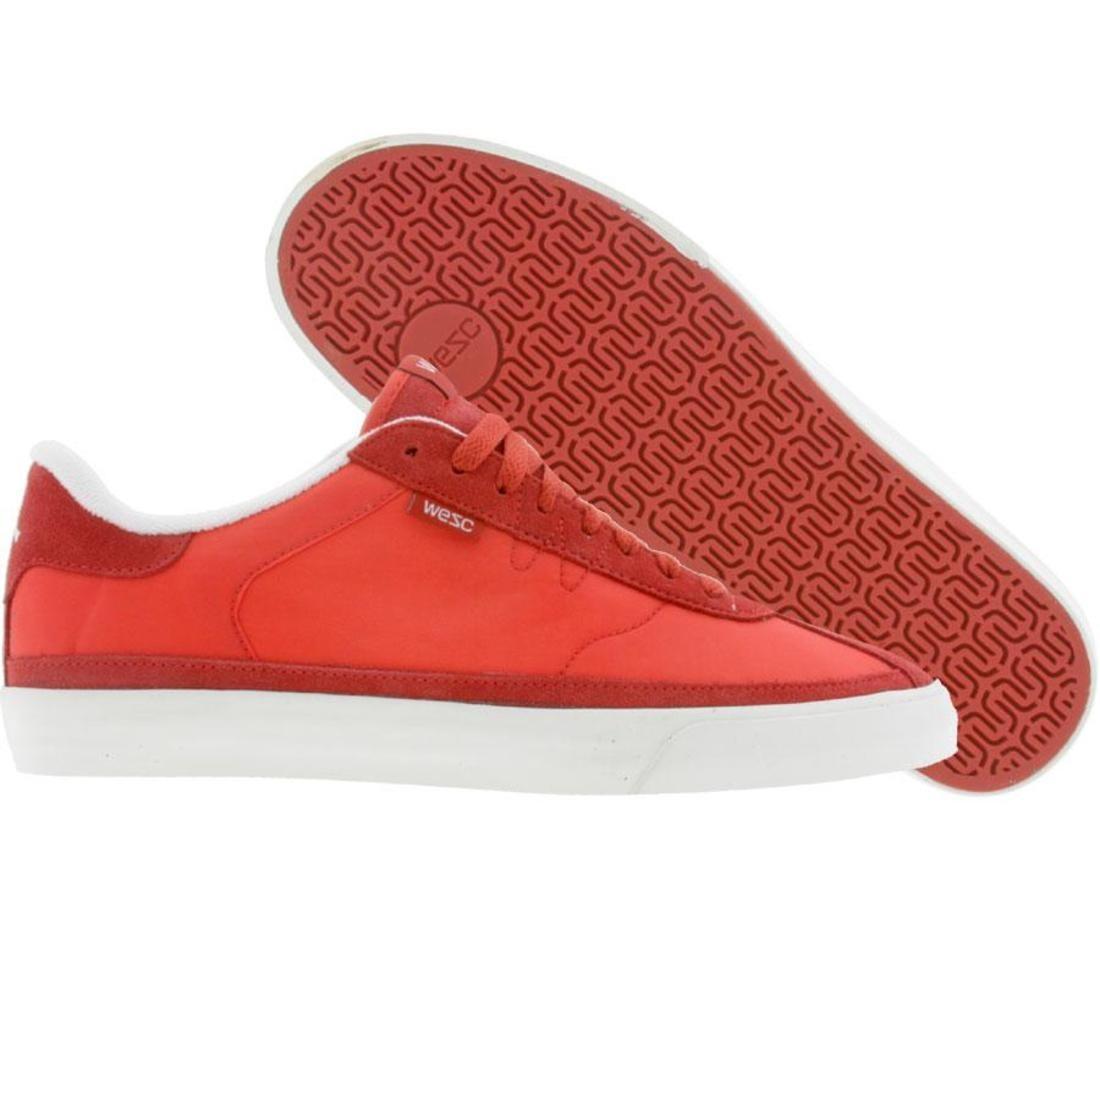 【海外限定】ウィーエスシー 赤 レッド シューズ 運動靴 スニーカー 靴 【 RED WESC THORPE TRUE ROUGE SHOES 】